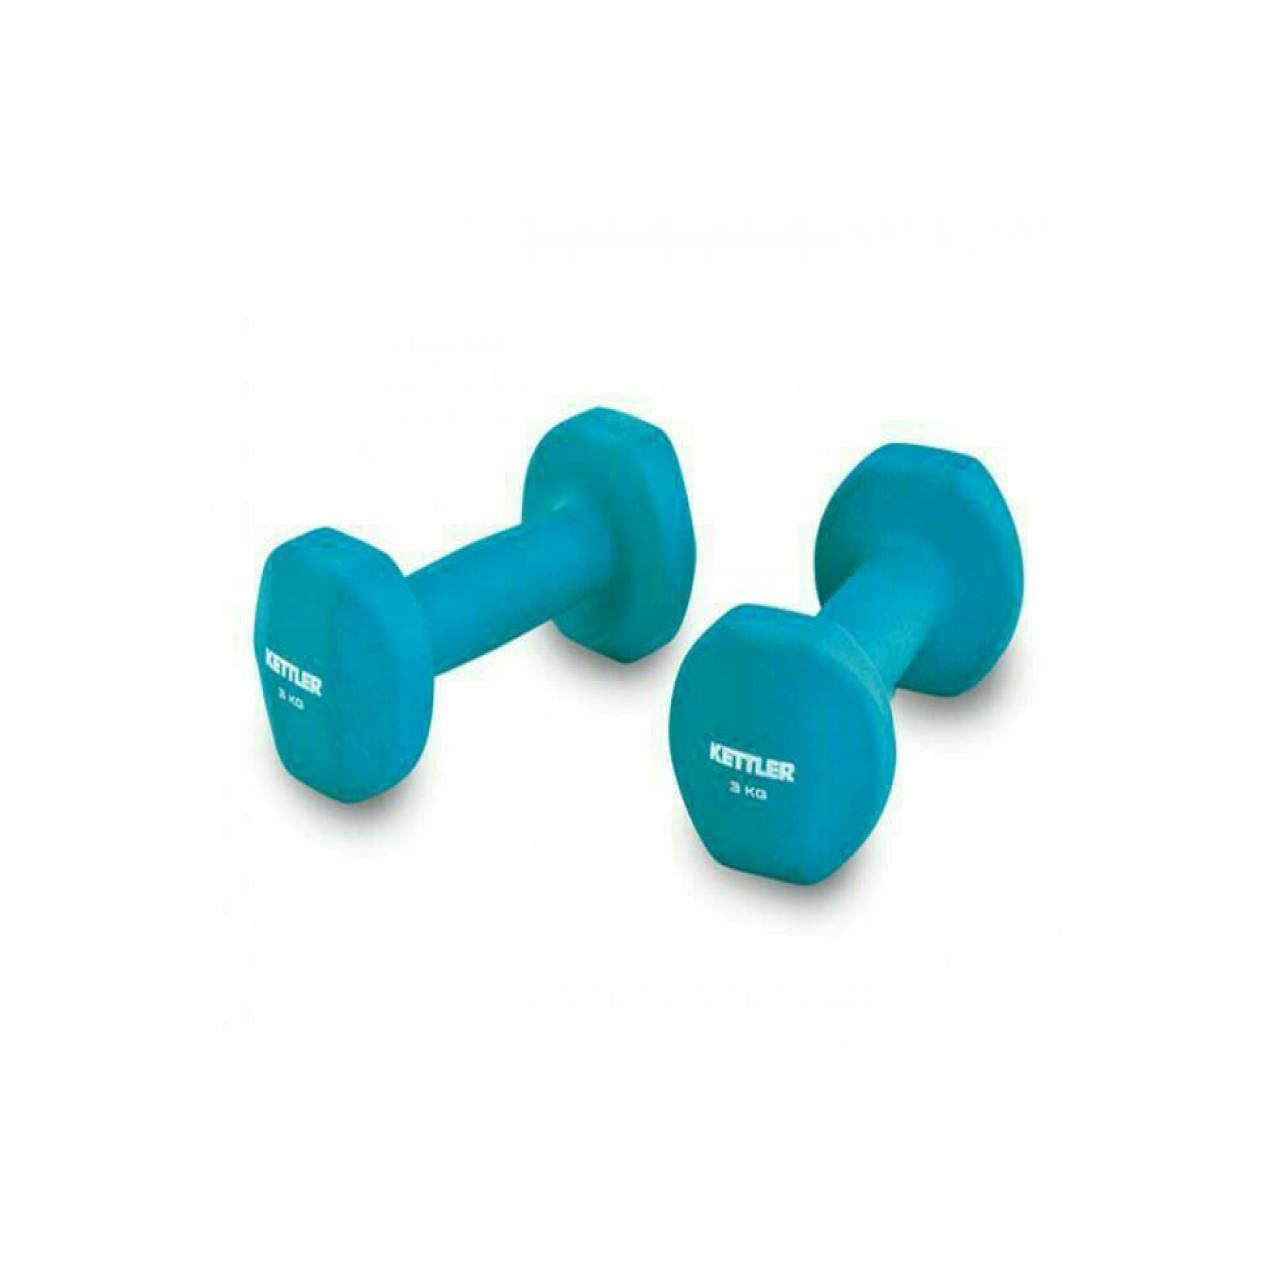 Kettler Neoprene Dumbell 6kg Pair 0803 000 Biru Daftar Harga Rawt 11154 Reebok Dumbbell 4kg Per Blue